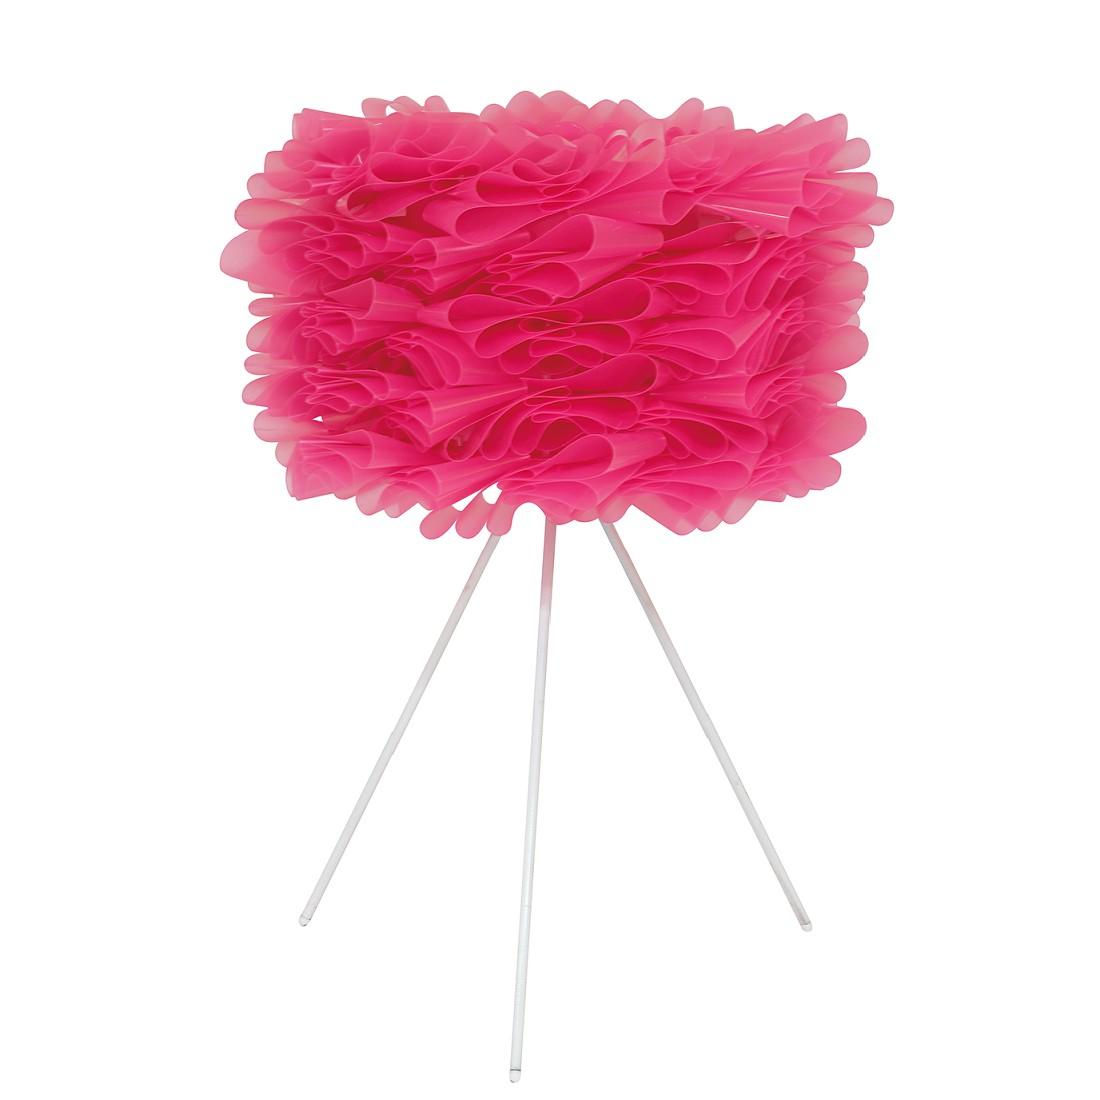 Tafellamp Marty - kunststof/metaal roze 1 lichtbron, Näve